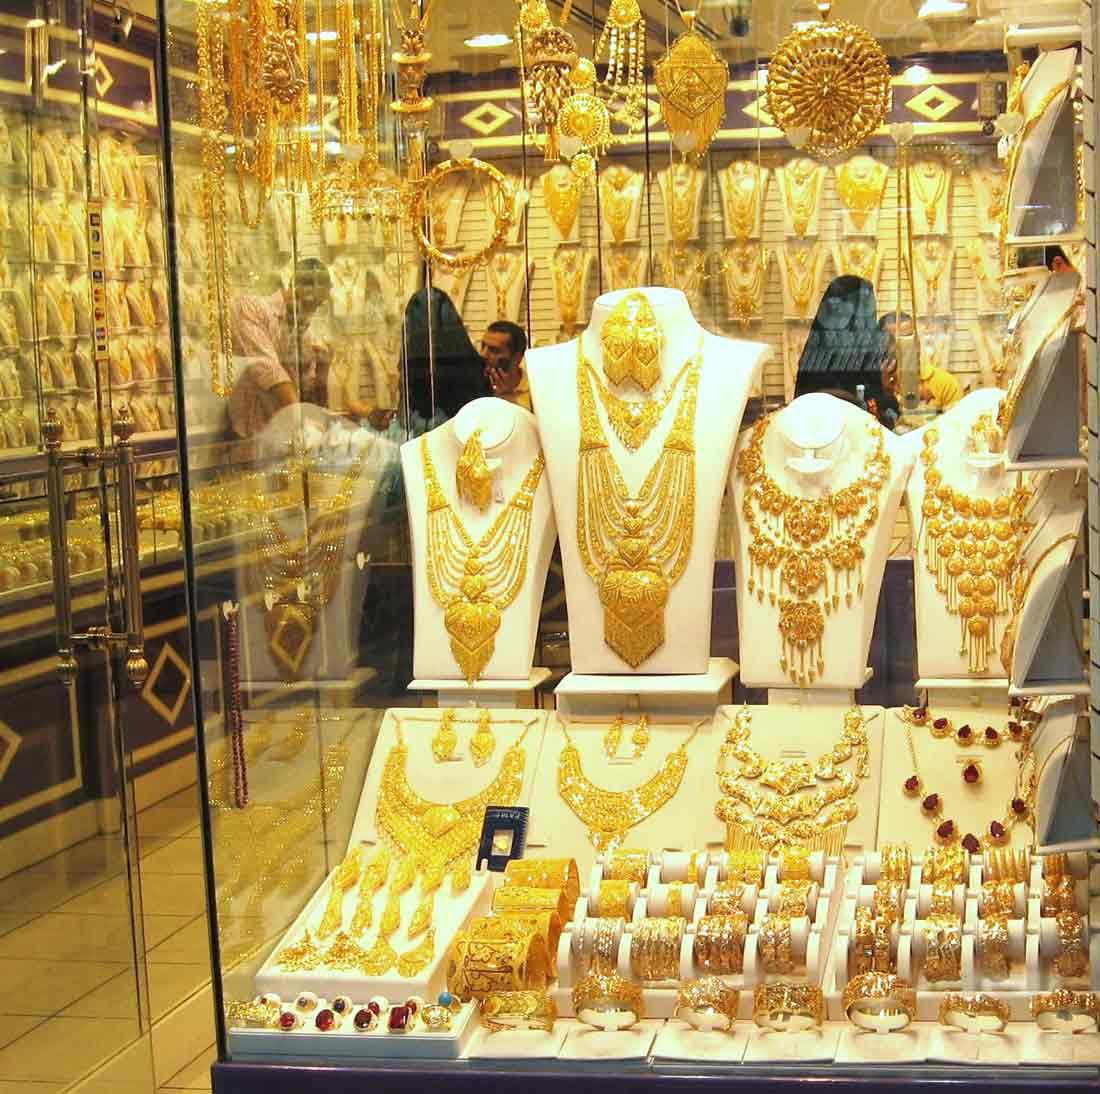 أحد متاجر مجمع الذهب والماس في أبو ظبي بالإمارات.